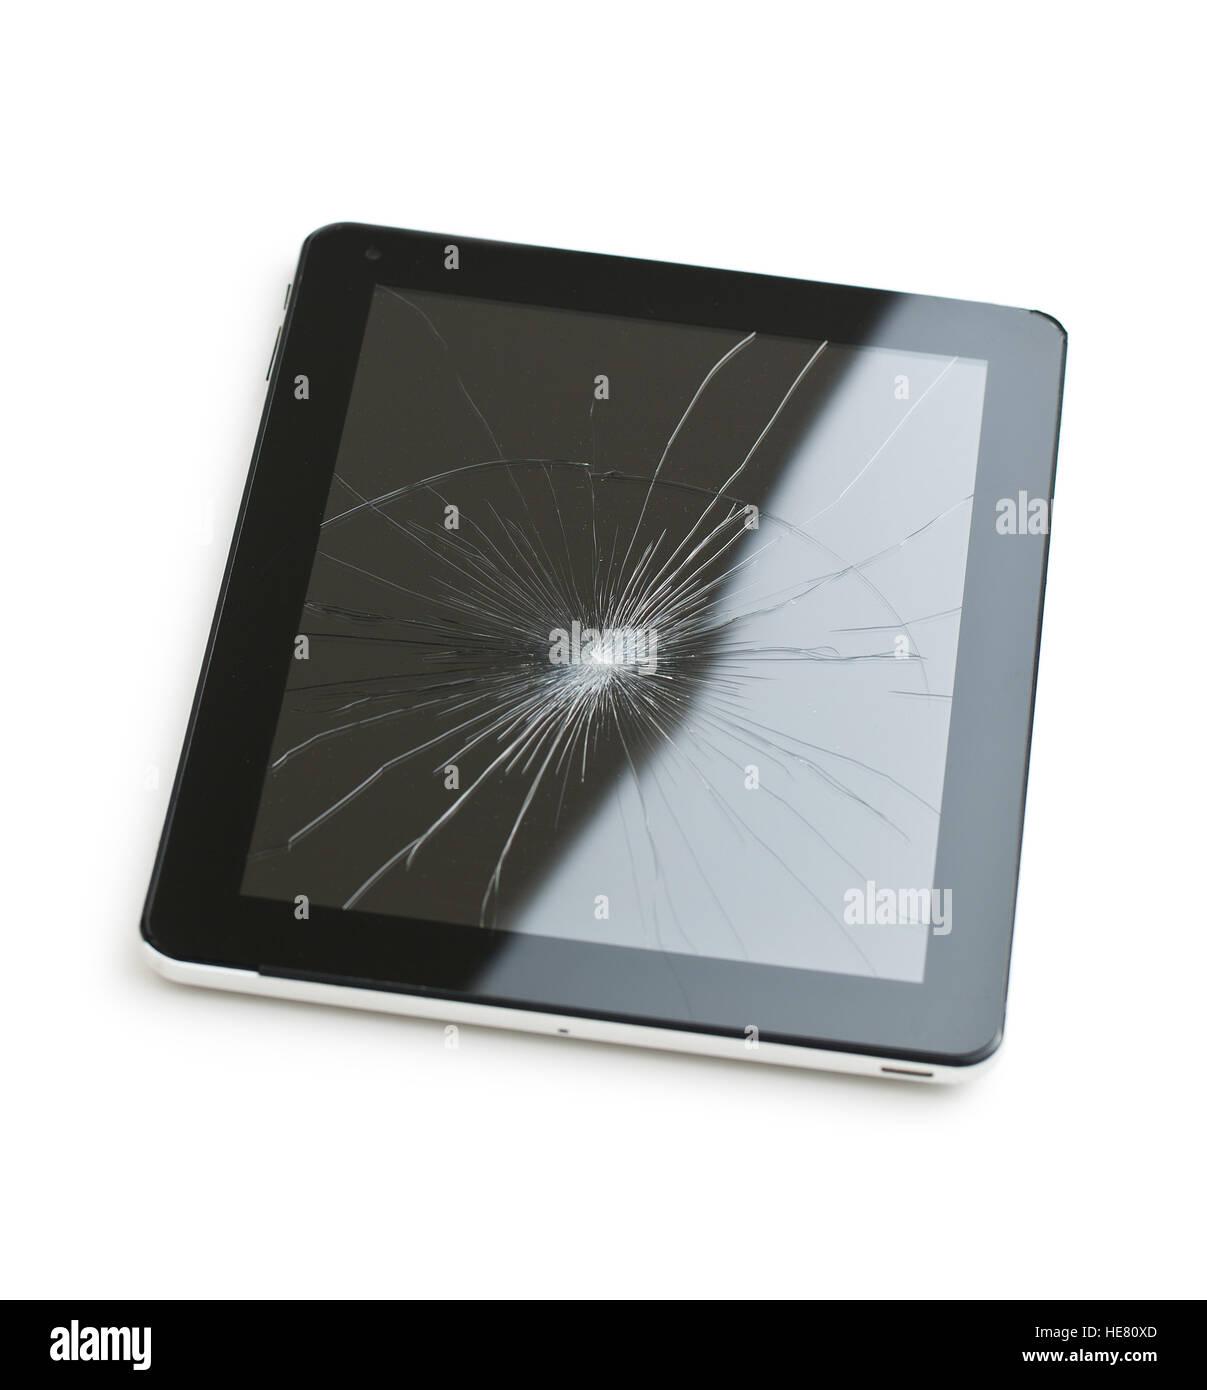 Tablet Pc Con Schermo Rotto Isolati Su Sfondo Bianco Foto Immagine